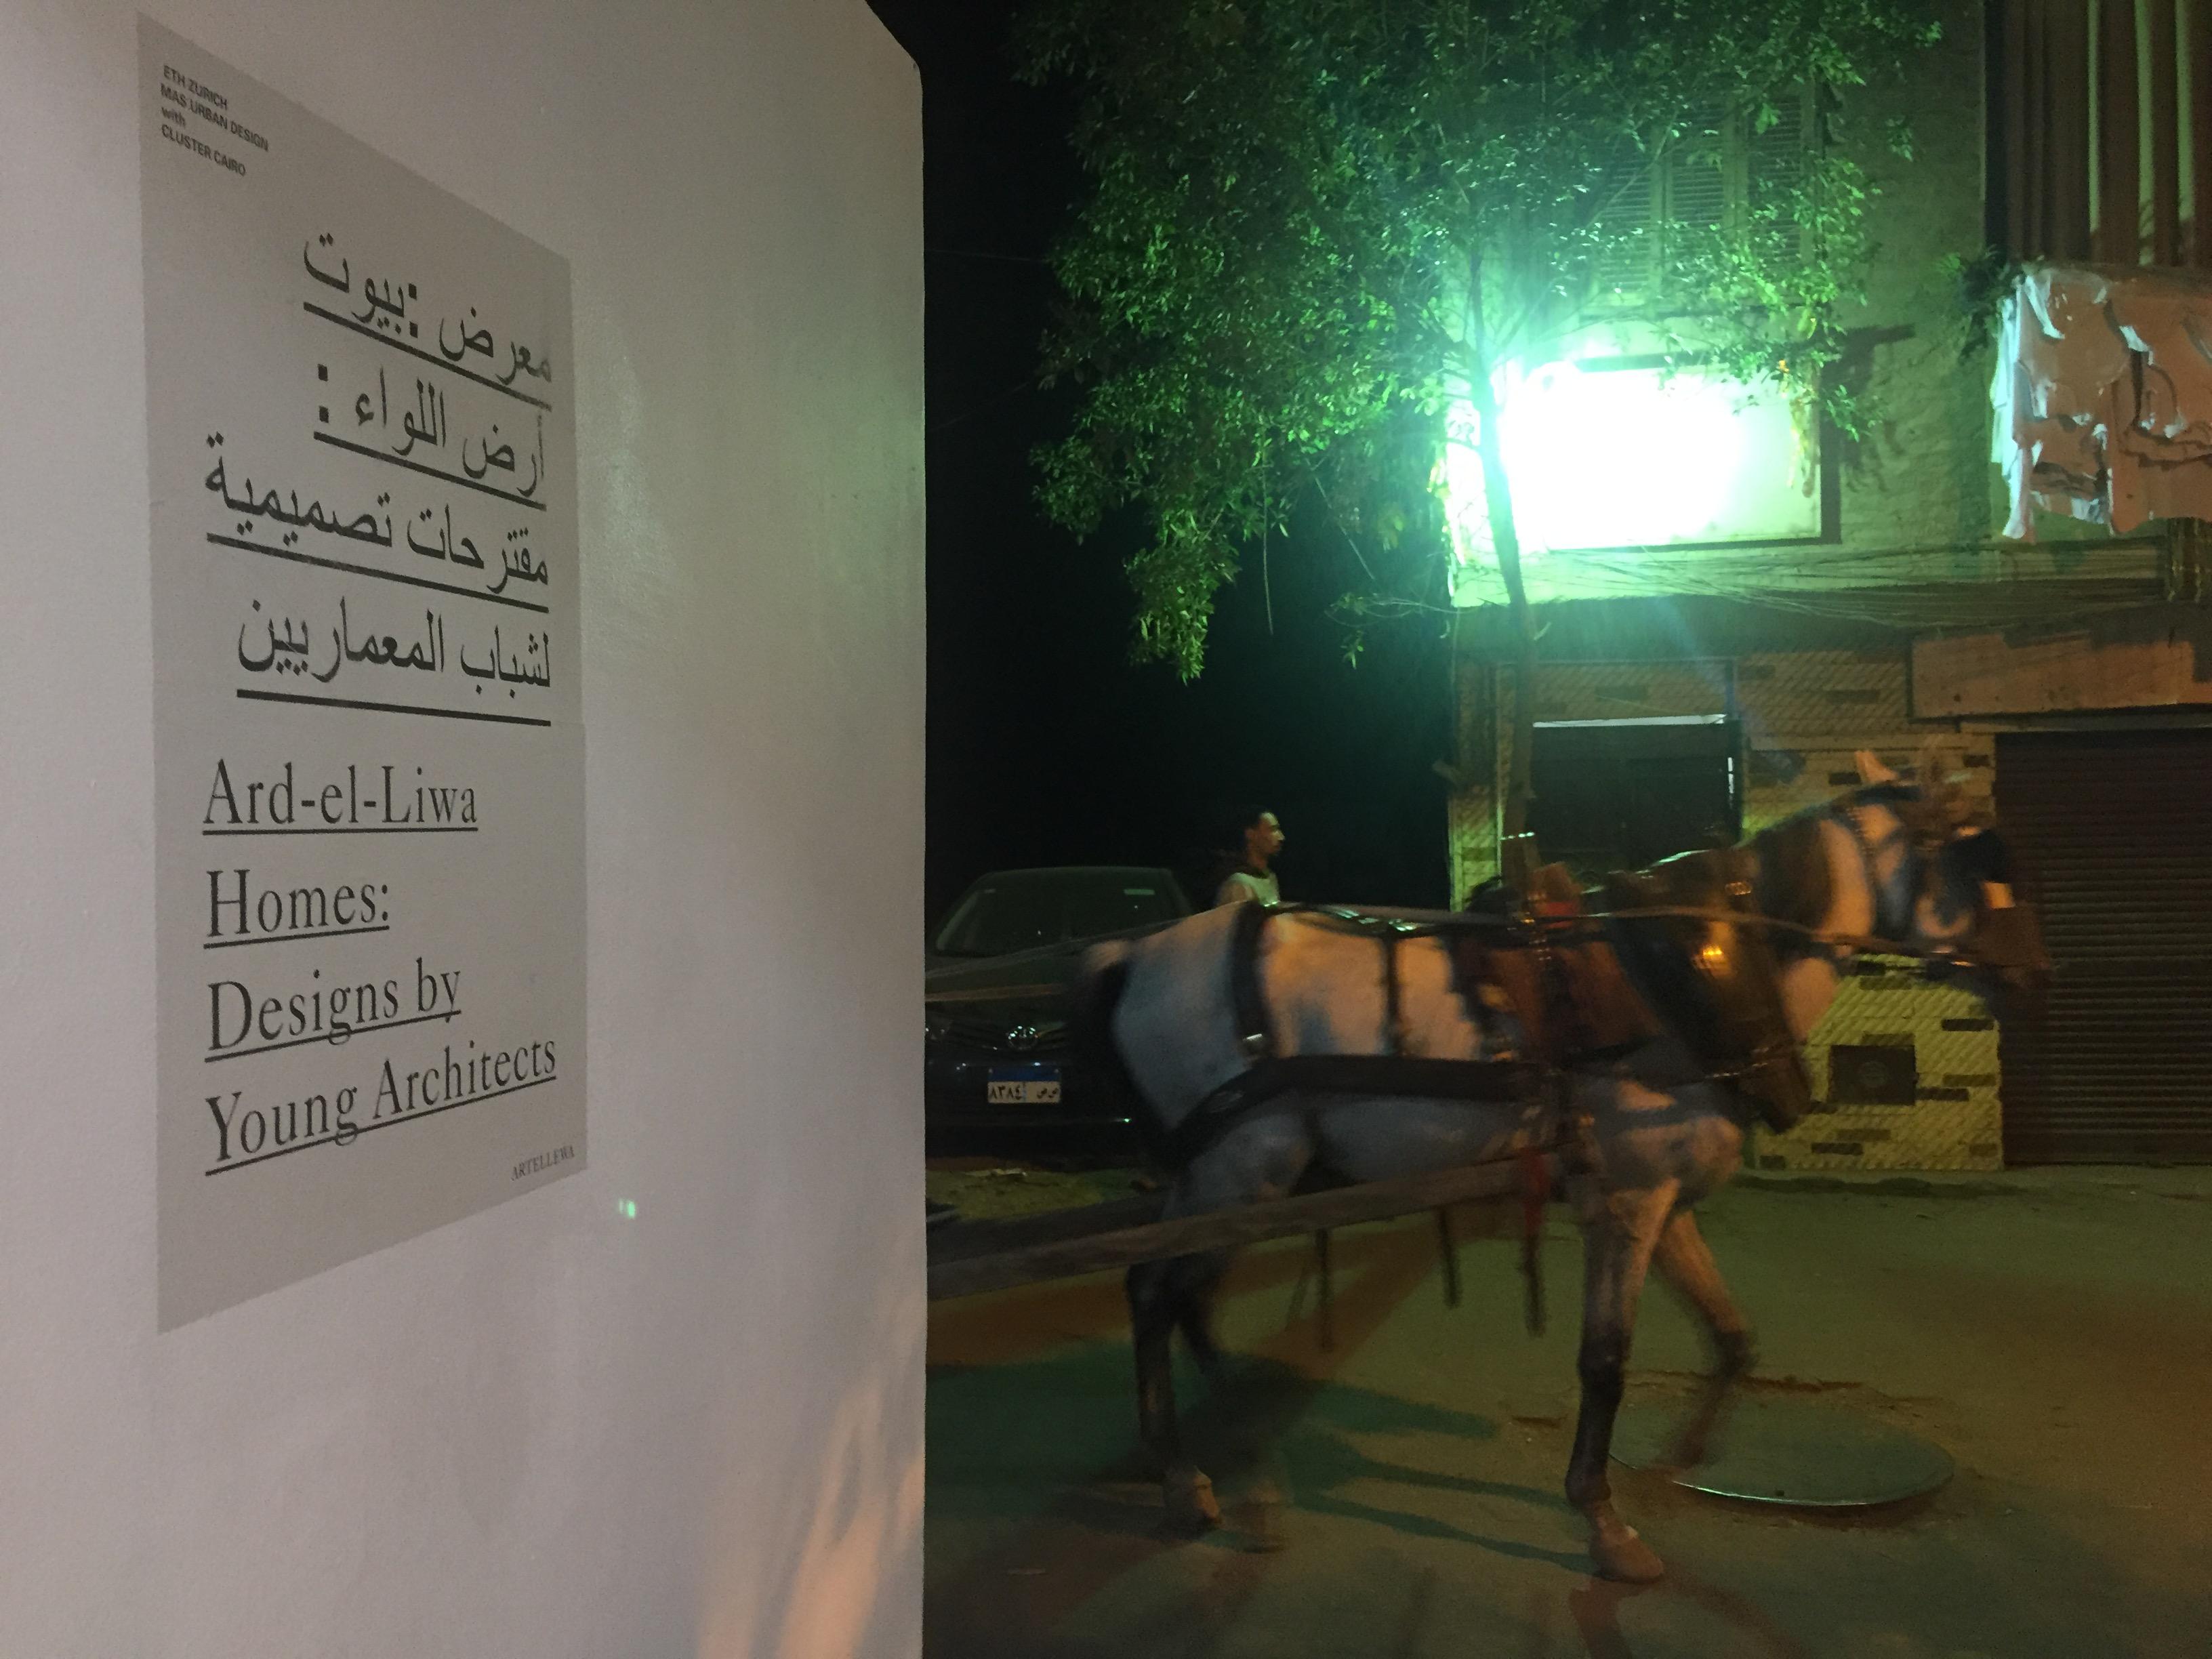 00_Ard-el-Lewa_exhibition